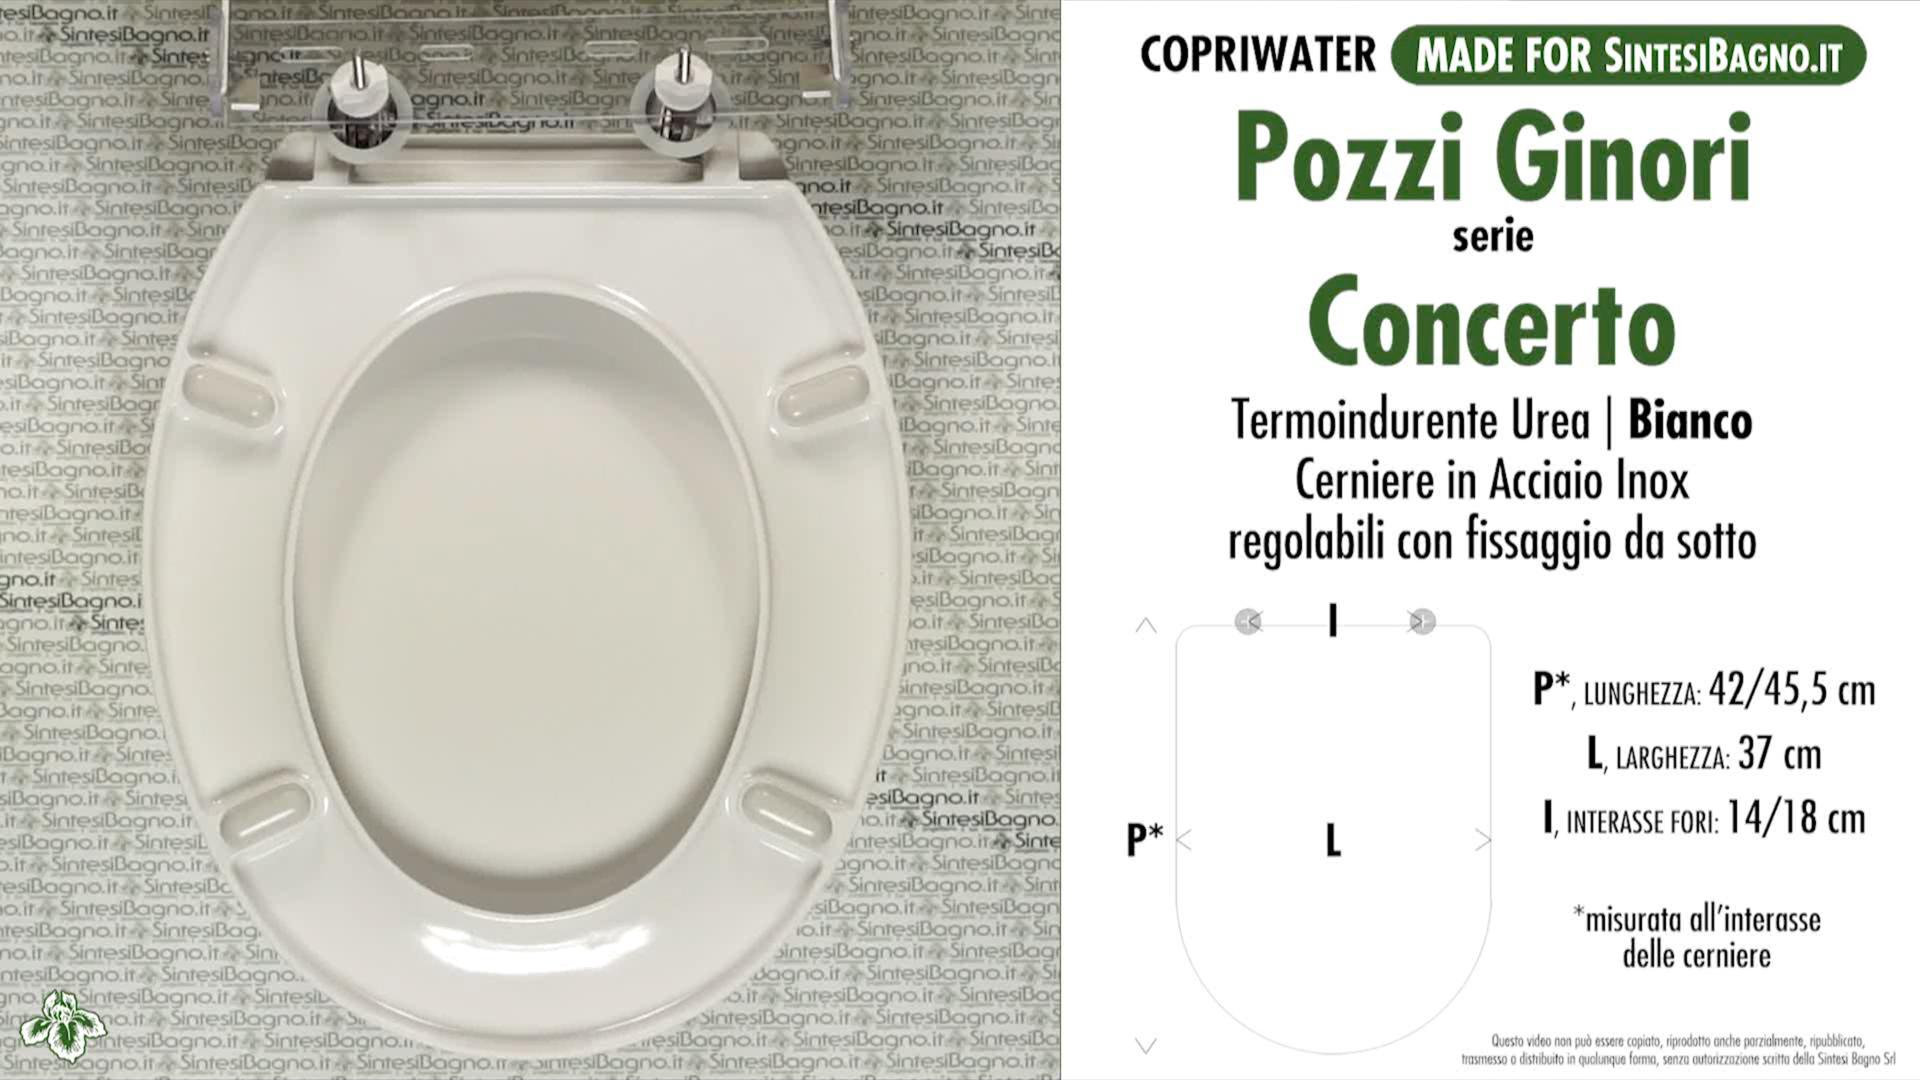 SCHEDA TECNICA MISURE copriwater POZZI GINORI CONCERTO